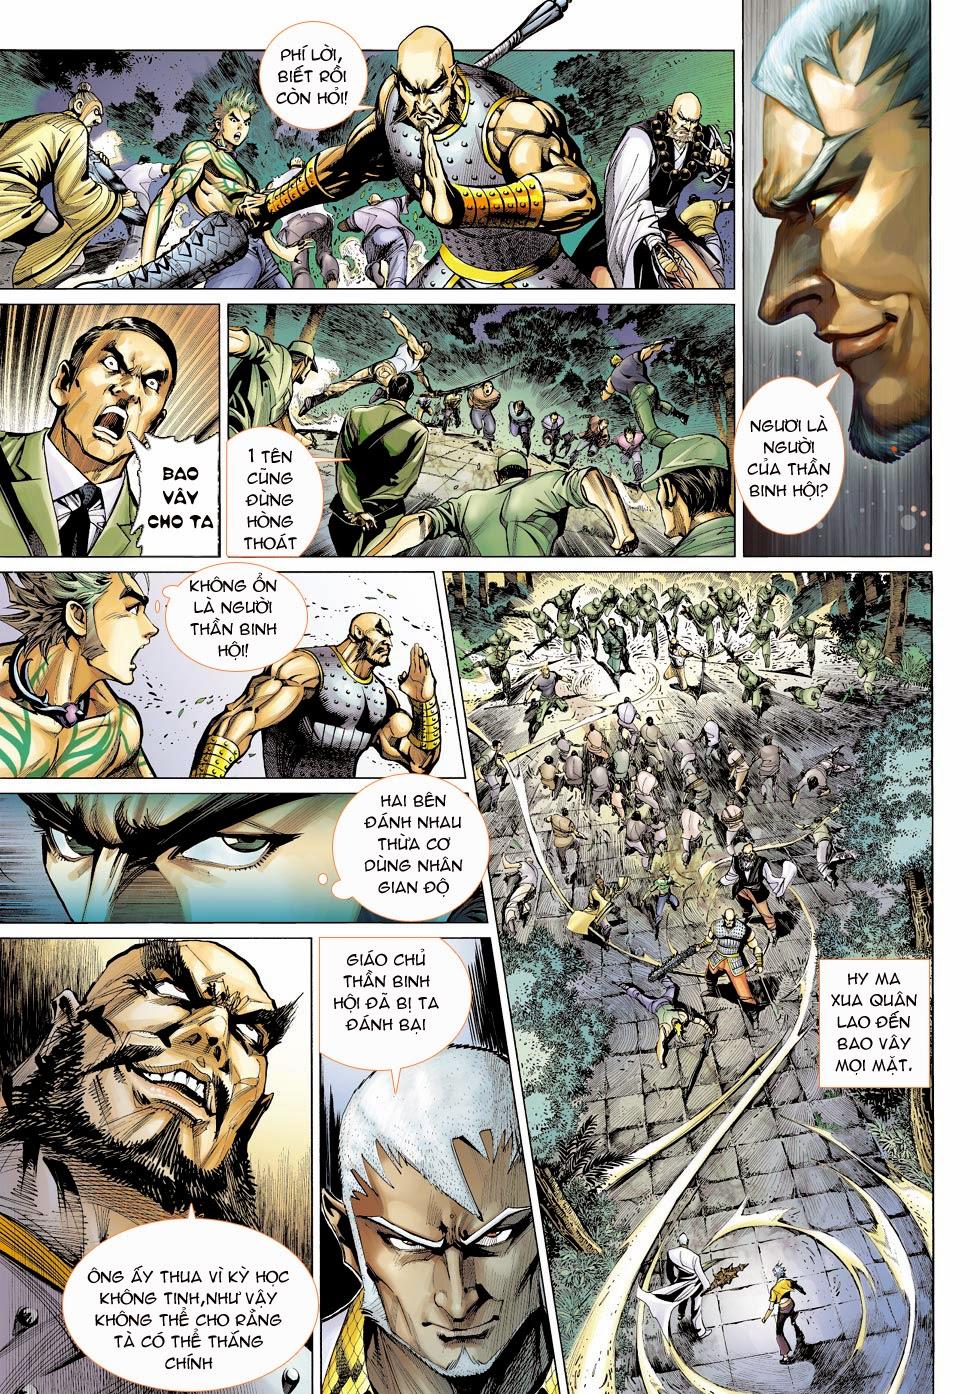 Thần Binh 4 chap 25 - Trang 11